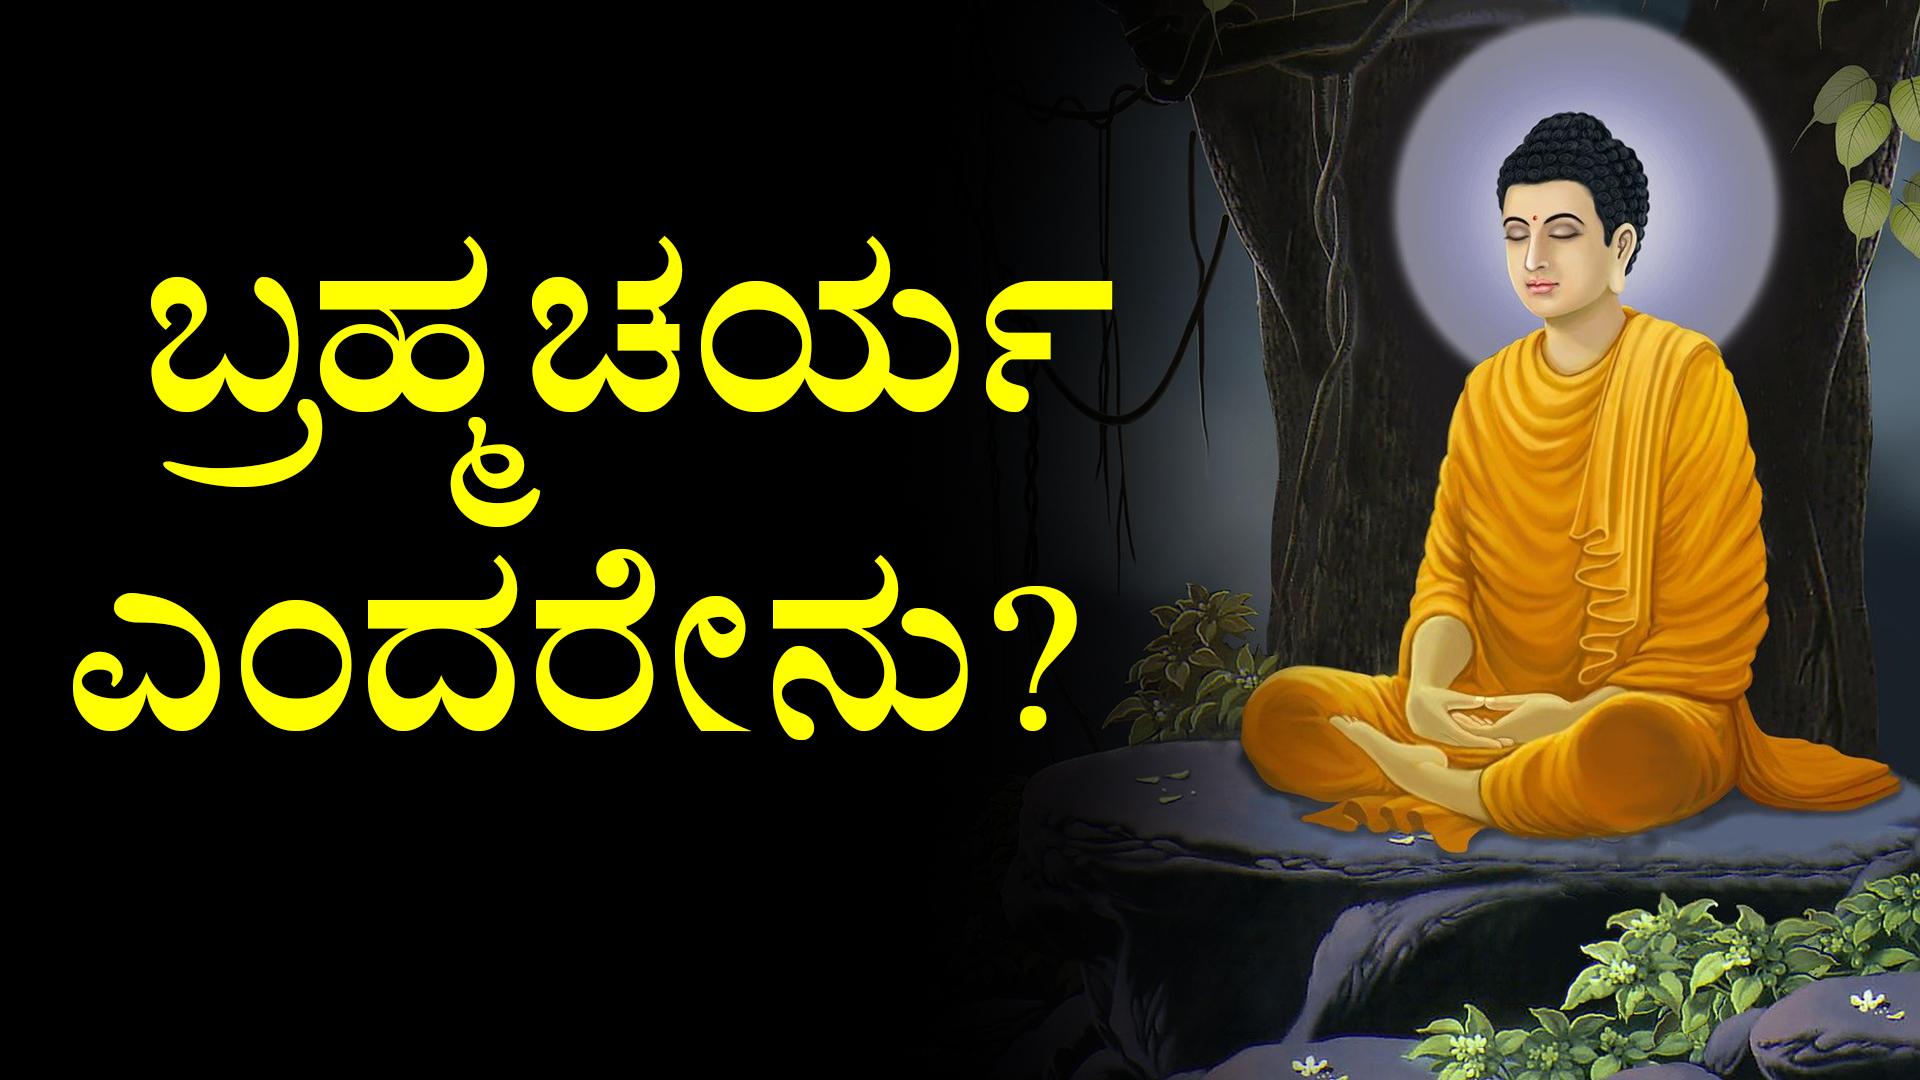 ಬ್ರಹ್ಮಚರ್ಯ ಎಂದರೇನು? | What is Brahmacharya Celibacy in Kannada